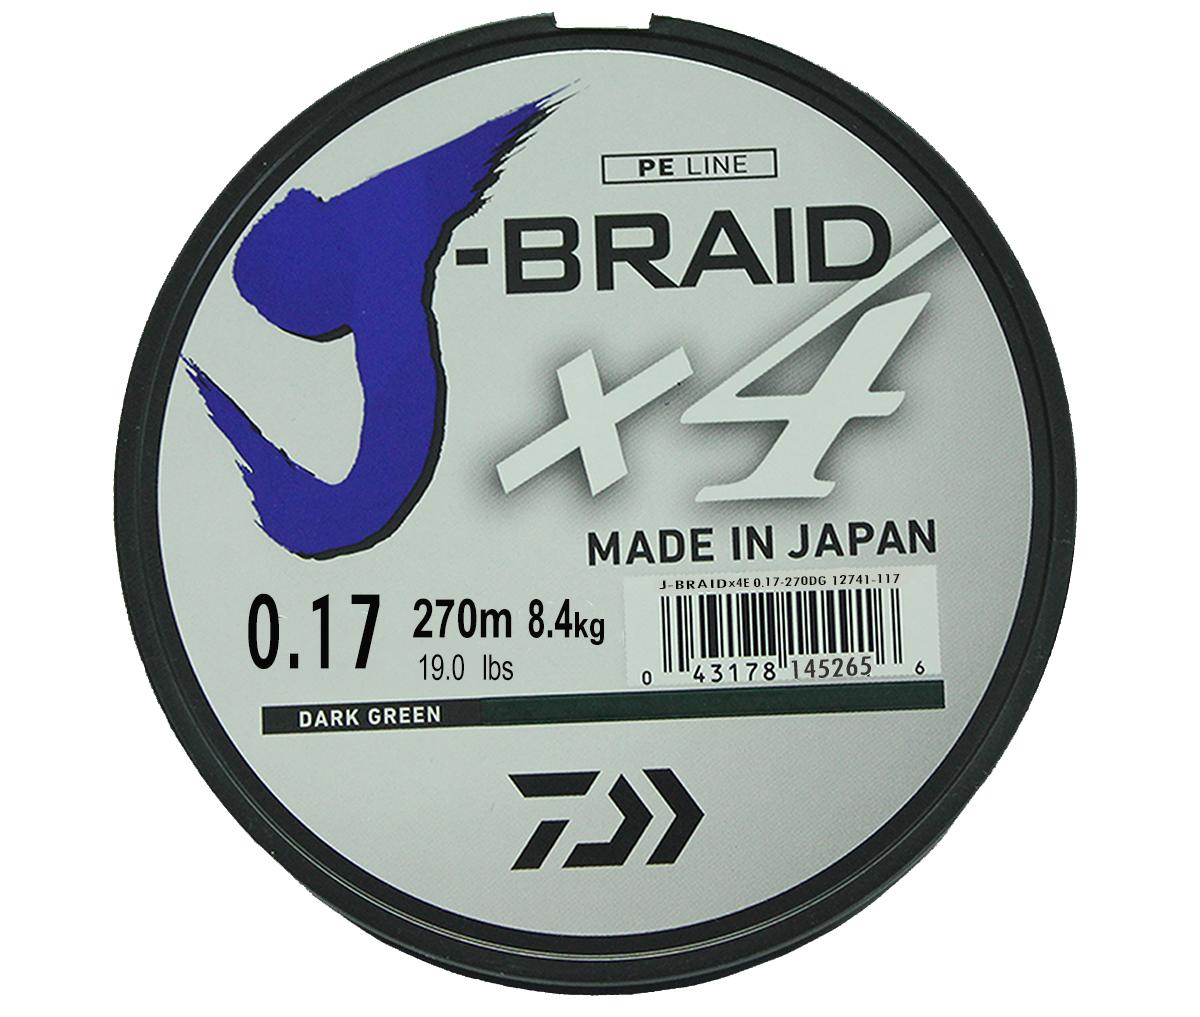 Шнур плетеный Daiwa J-Braid X4, цвет: зеленый, 270 м, 0,17 мм61172Новый 4х жильный шнур J-Braid, DAIWA - шнур высокого класса с удивительным соотношением цены и качества. Качество плетения полностью соответствует японским стандартам и удовлетворяет всем требованиям. Представленные диаметры позволяют использовать шнур для всех техник ловли, начиная от ultra- light ловли окуня, до морской ловли палтуса, трески и т.д